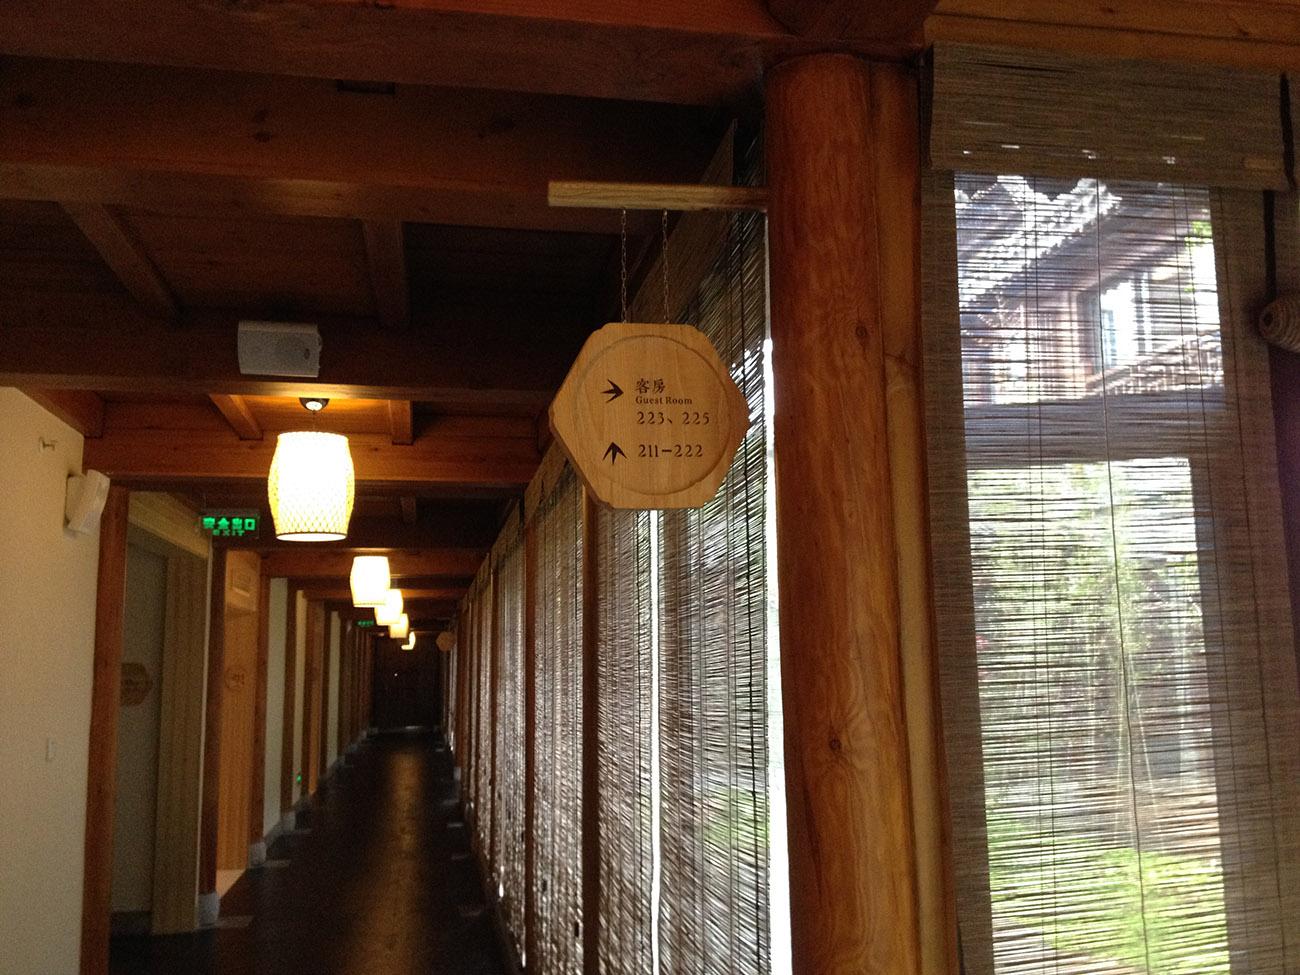 古北御舍温泉酒店导视规划实施 © 深圳市蓝美艺术设计有限公司